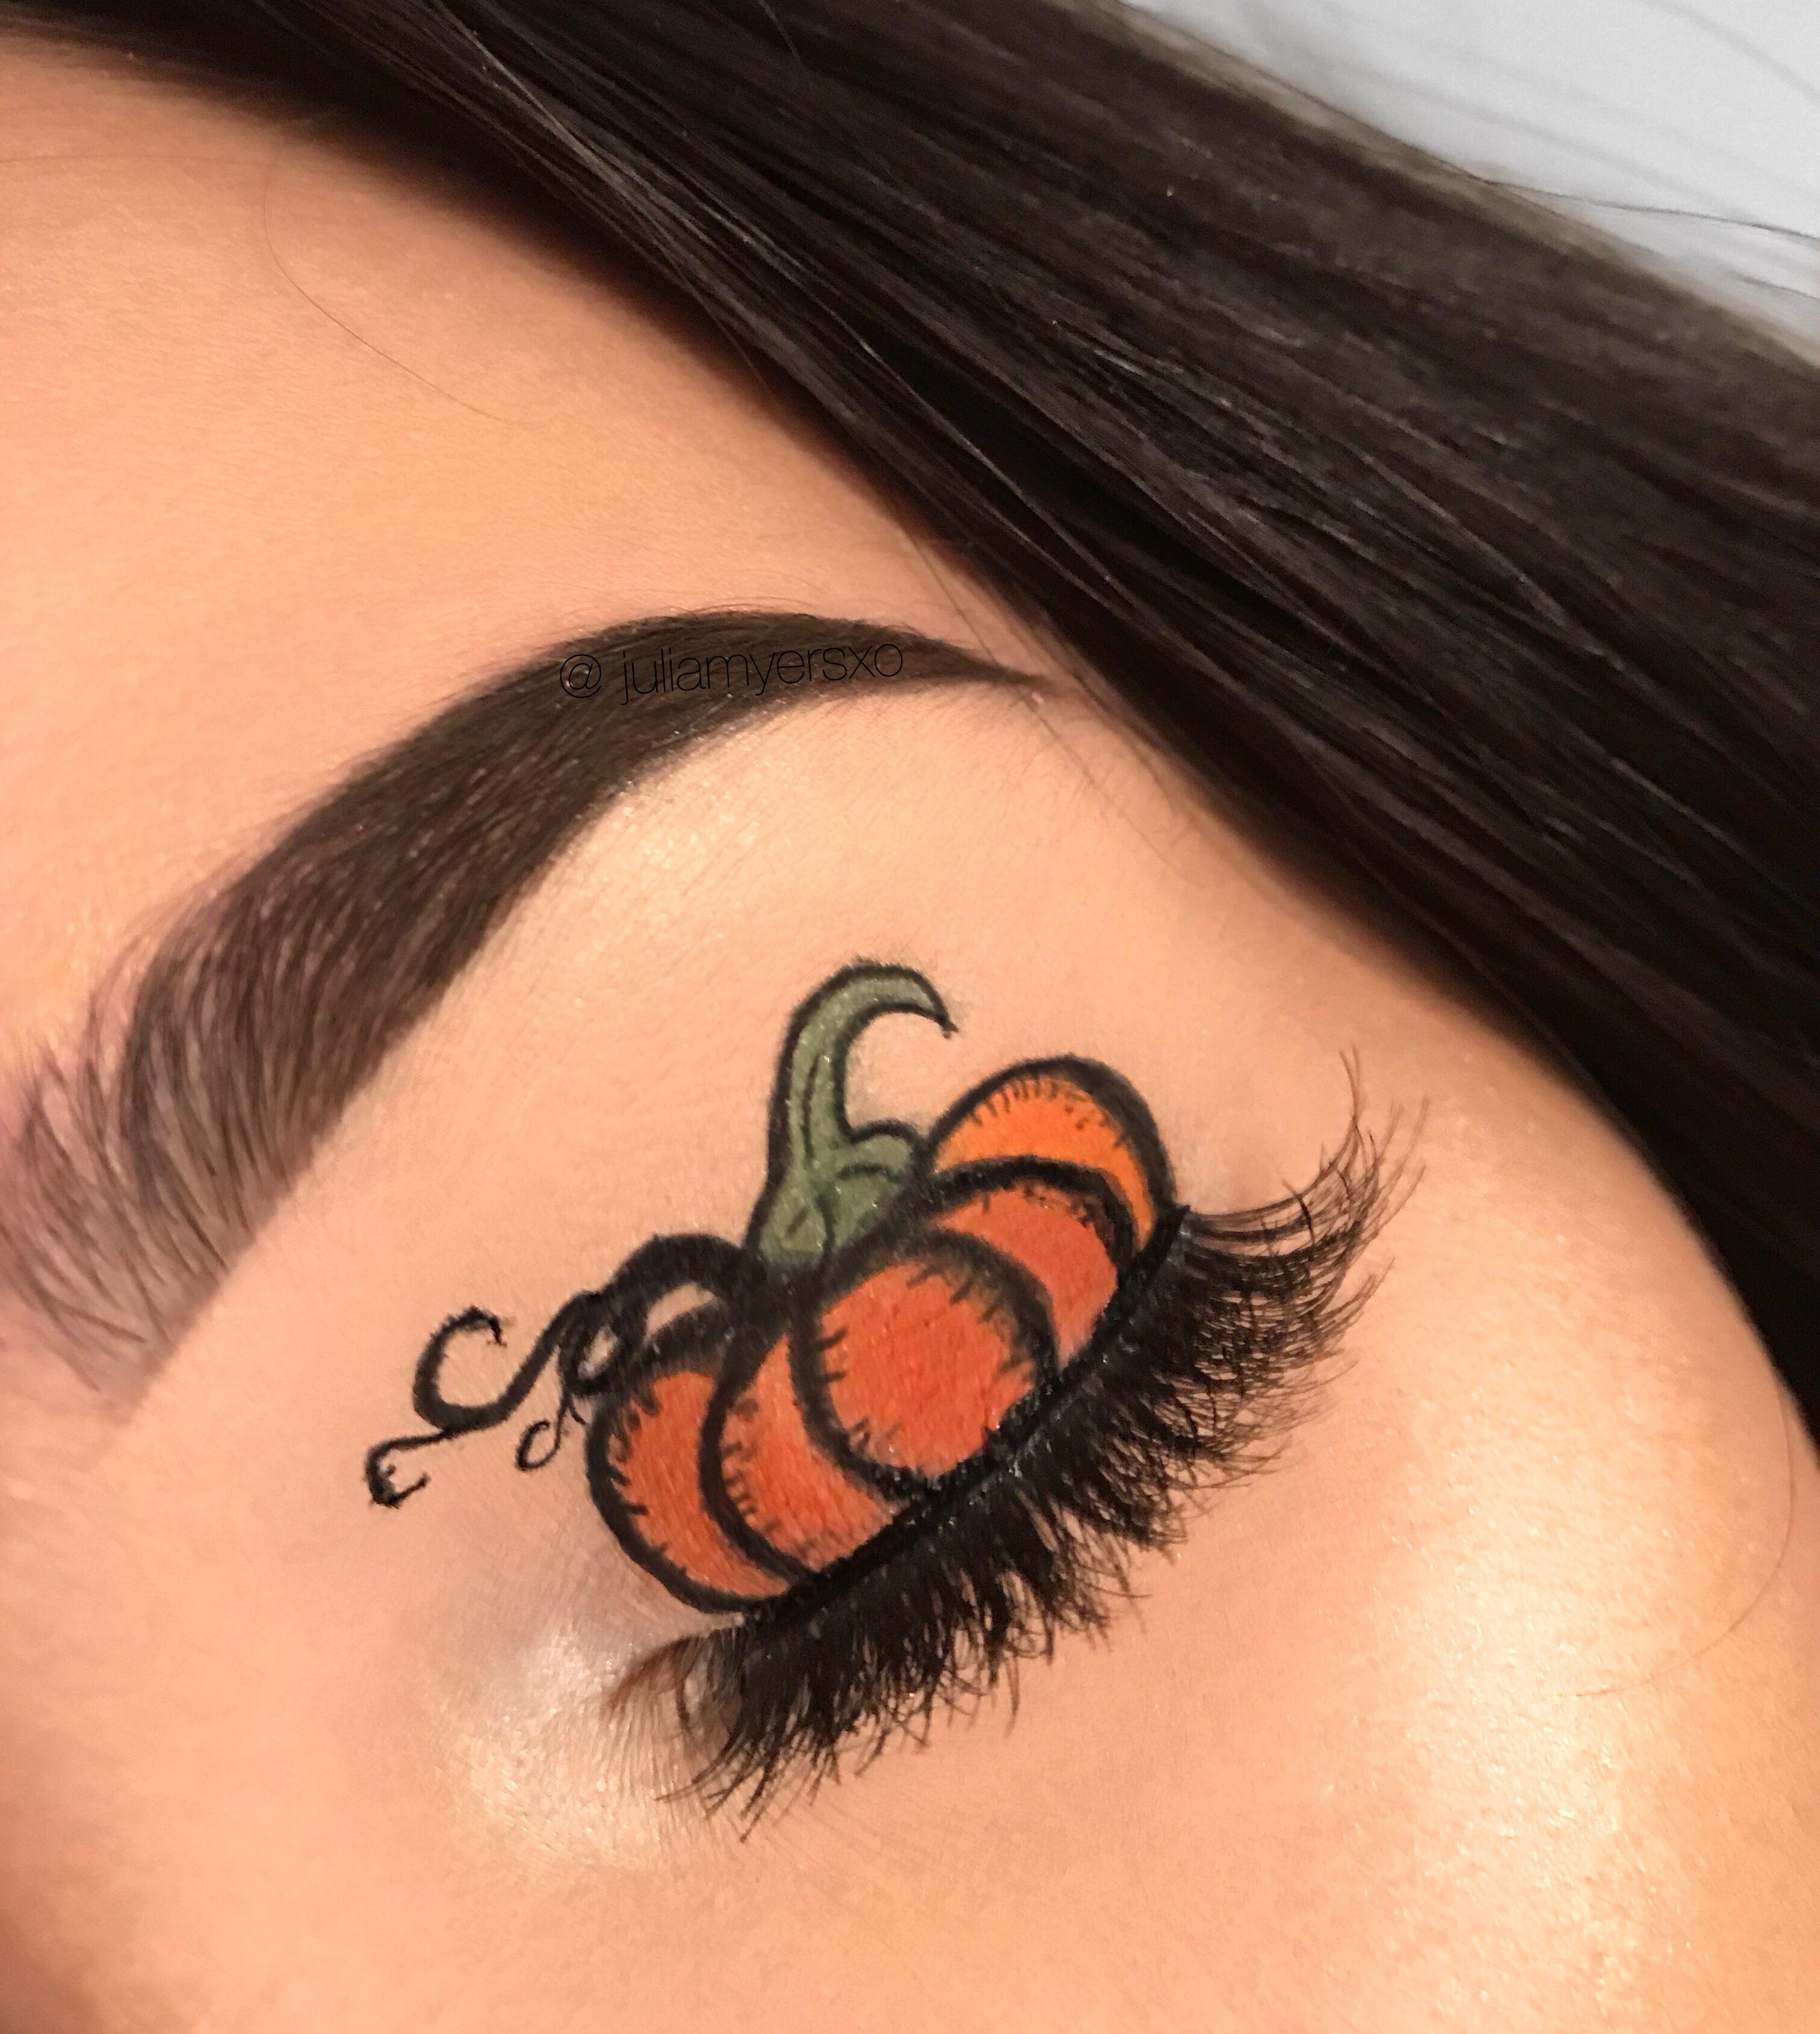 Pin on Makeup!